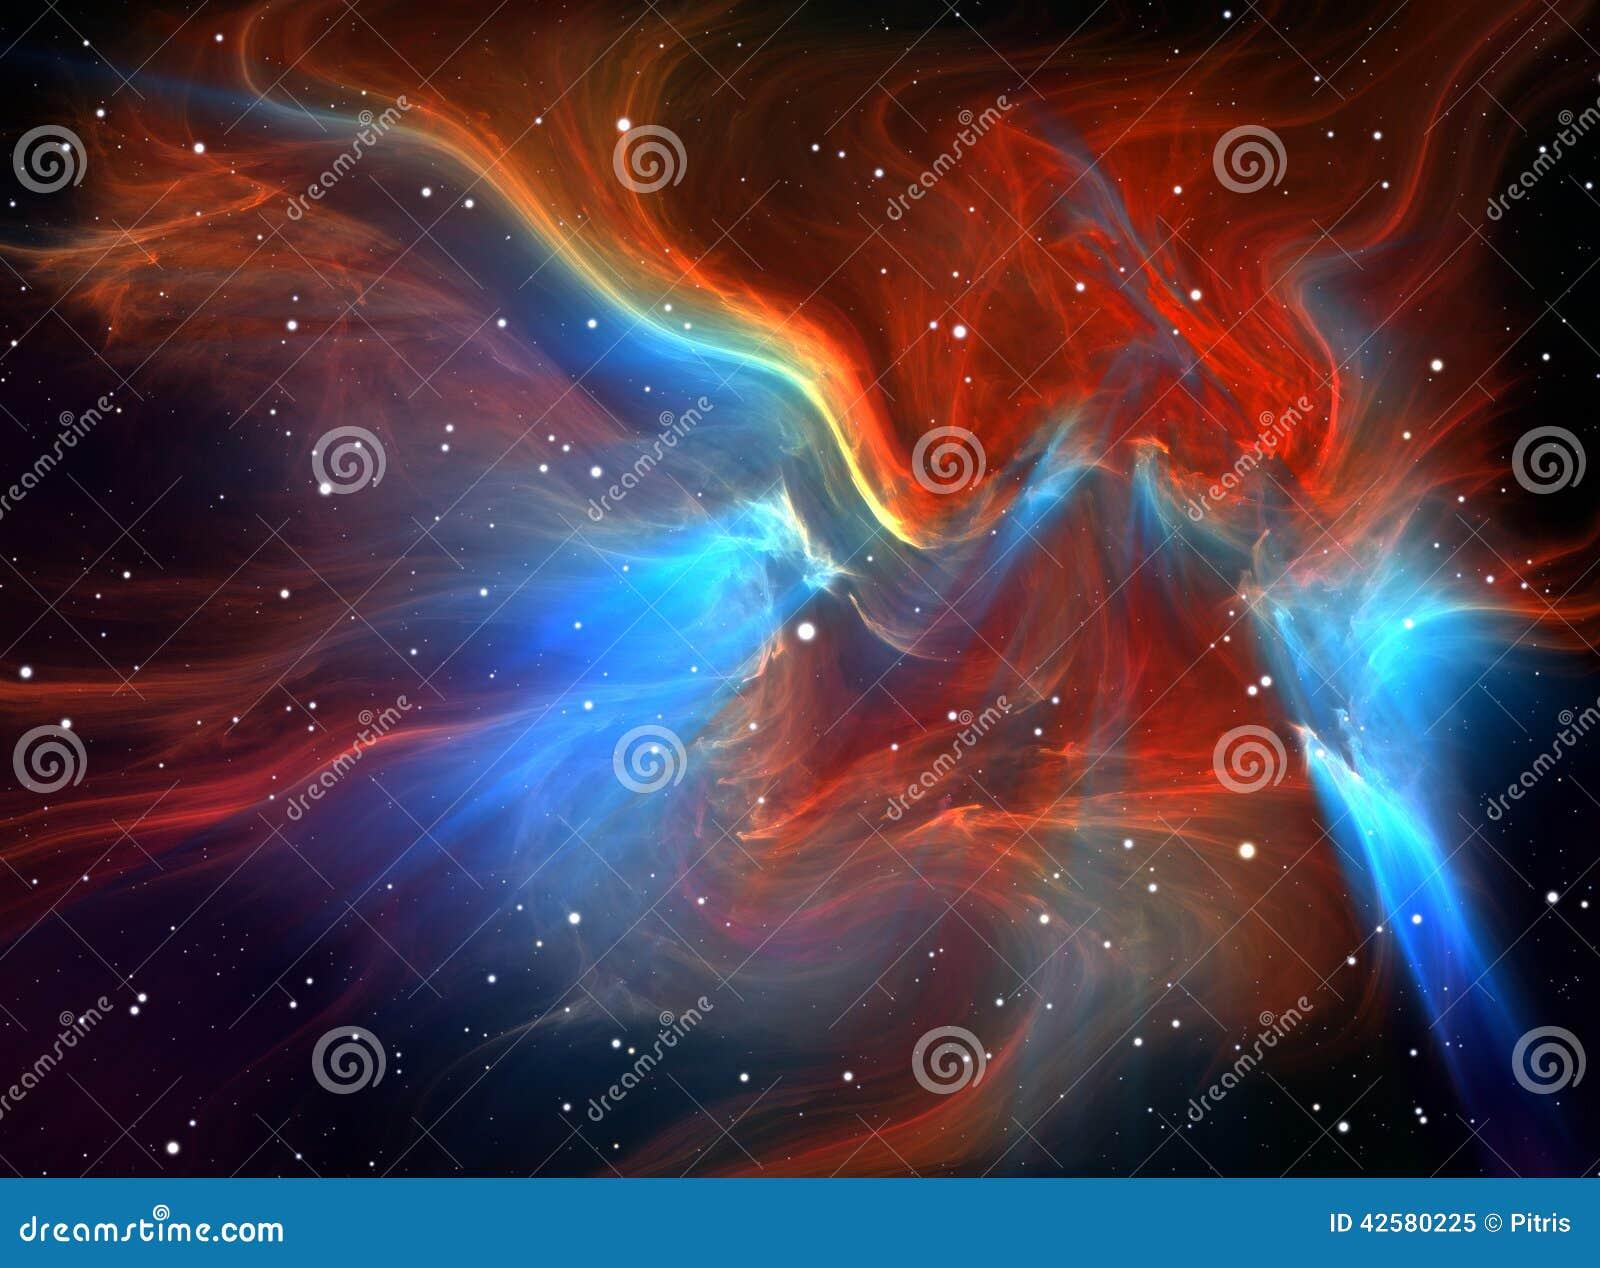 Large glowing nebula